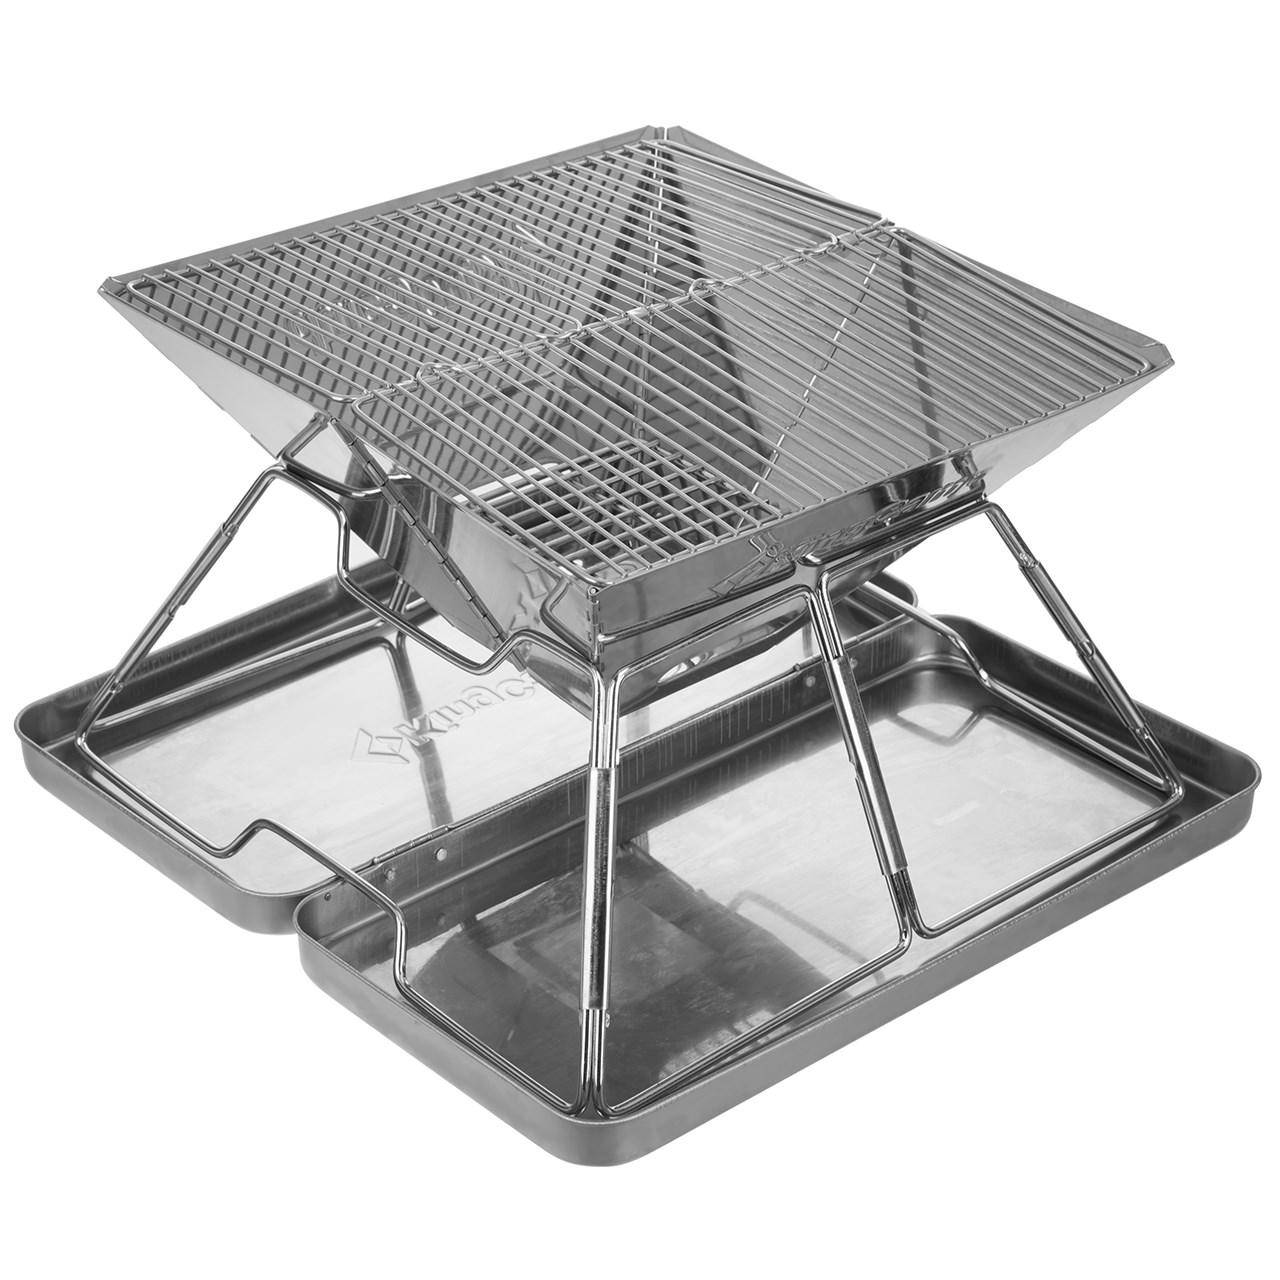 باربیکیو سفری کینگ کمپ مدل Magic Portable Grill